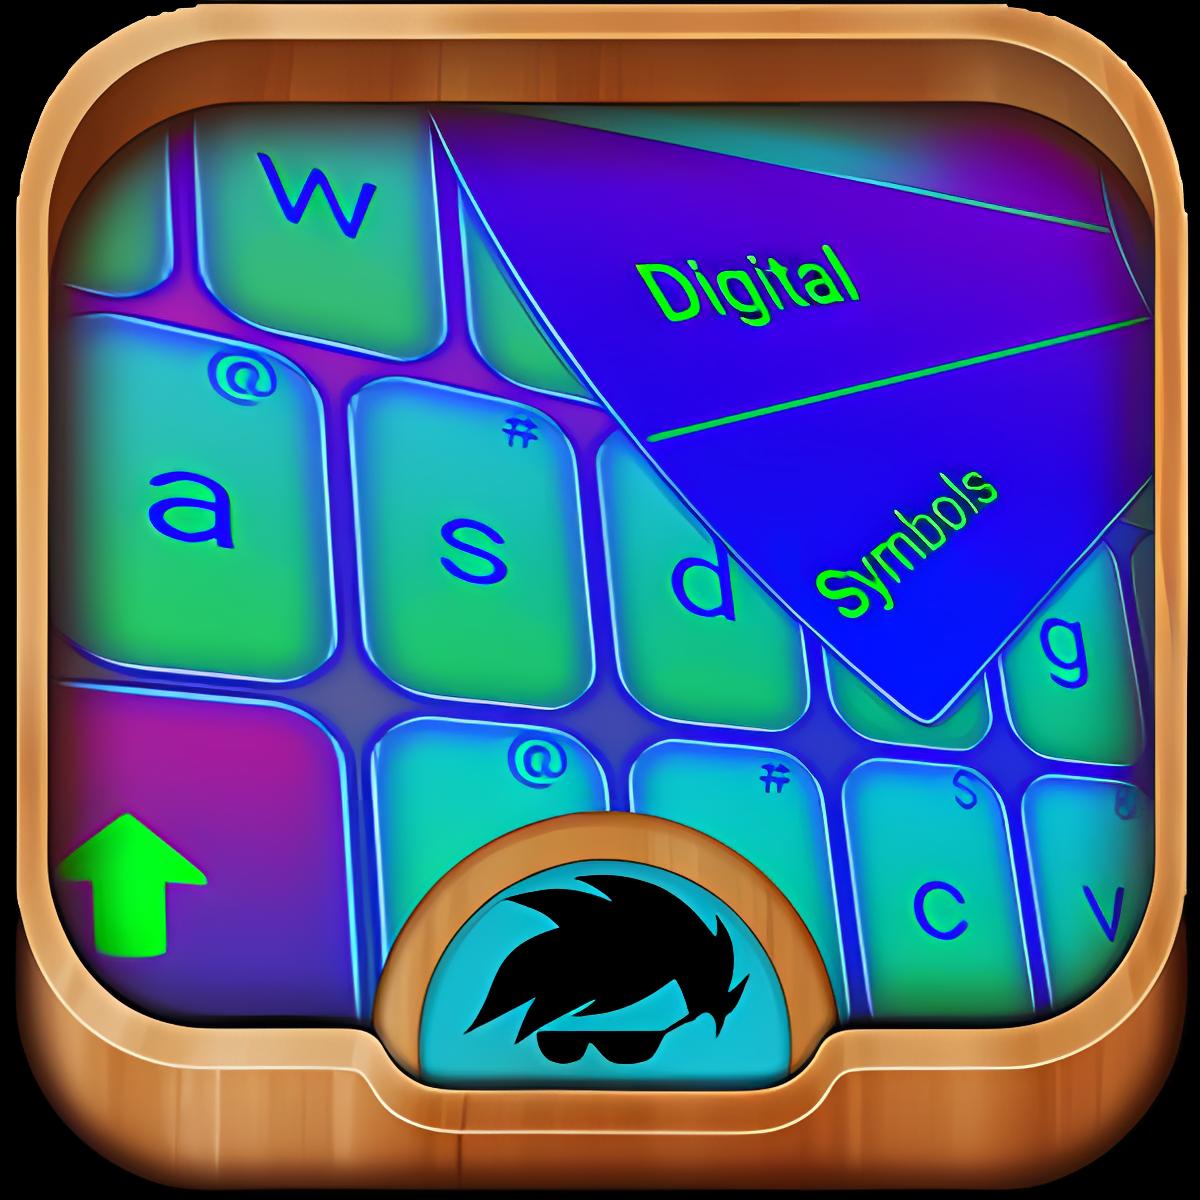 GO teclado de color eléctrico